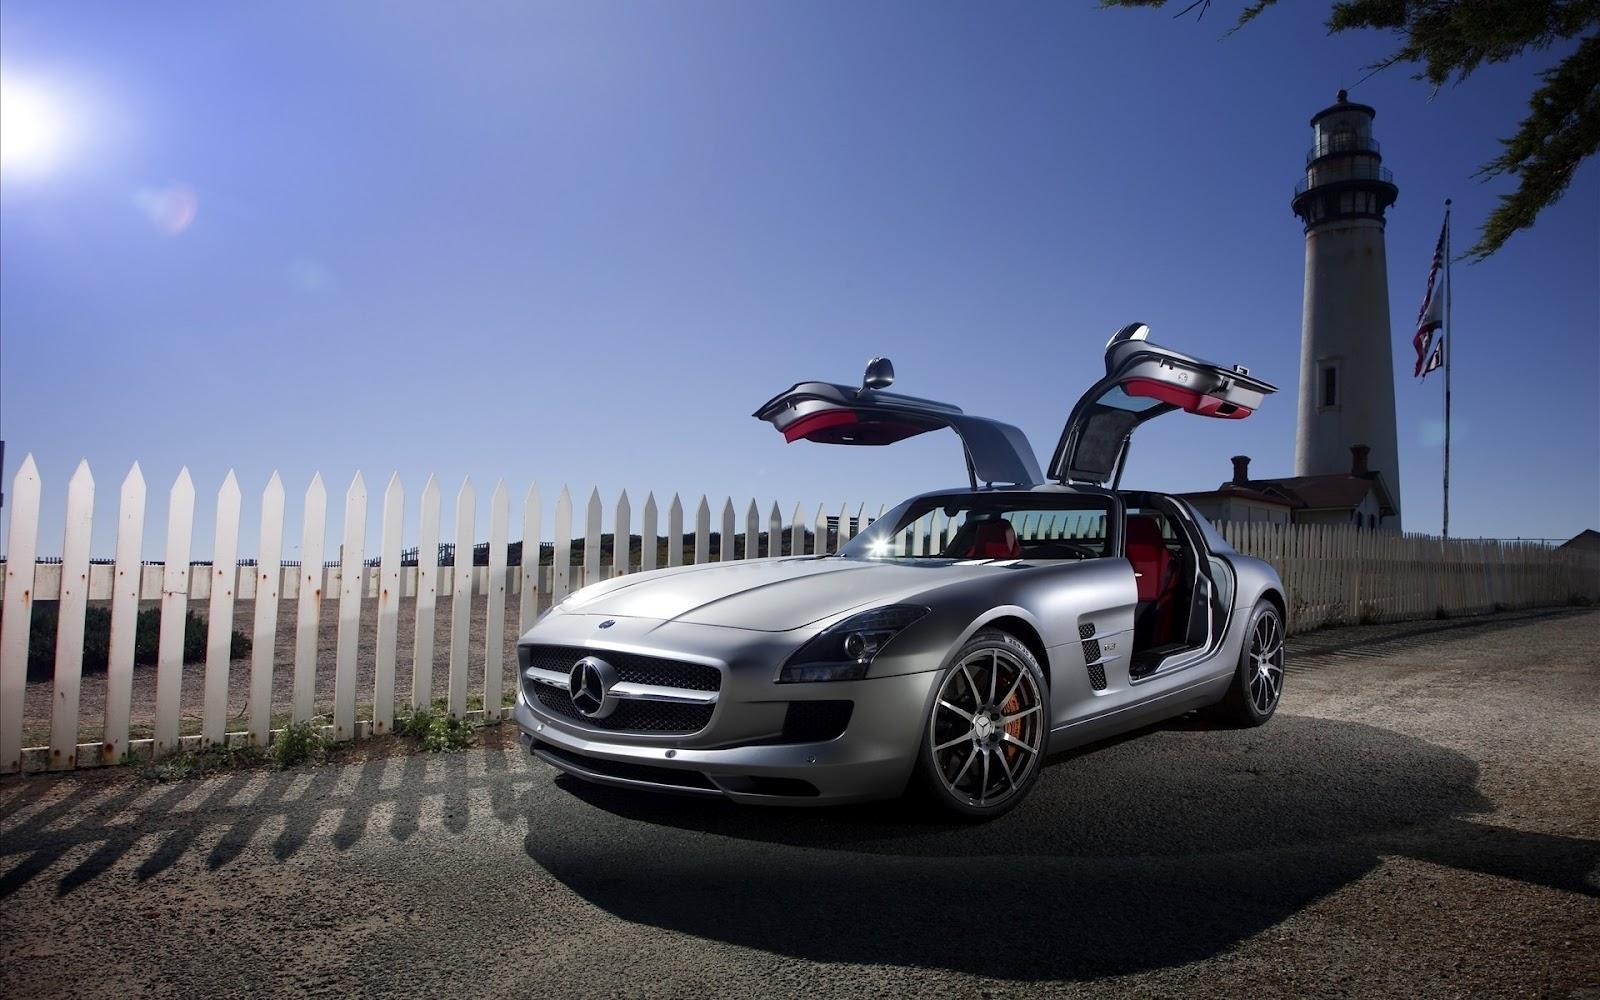 http://1.bp.blogspot.com/-8qJShu_0uDQ/T51y8uHnkmI/AAAAAAAAbJA/GQ5oig4E24Y/s1600/Mercedes-Benz-AMG-SLS_02.jpg